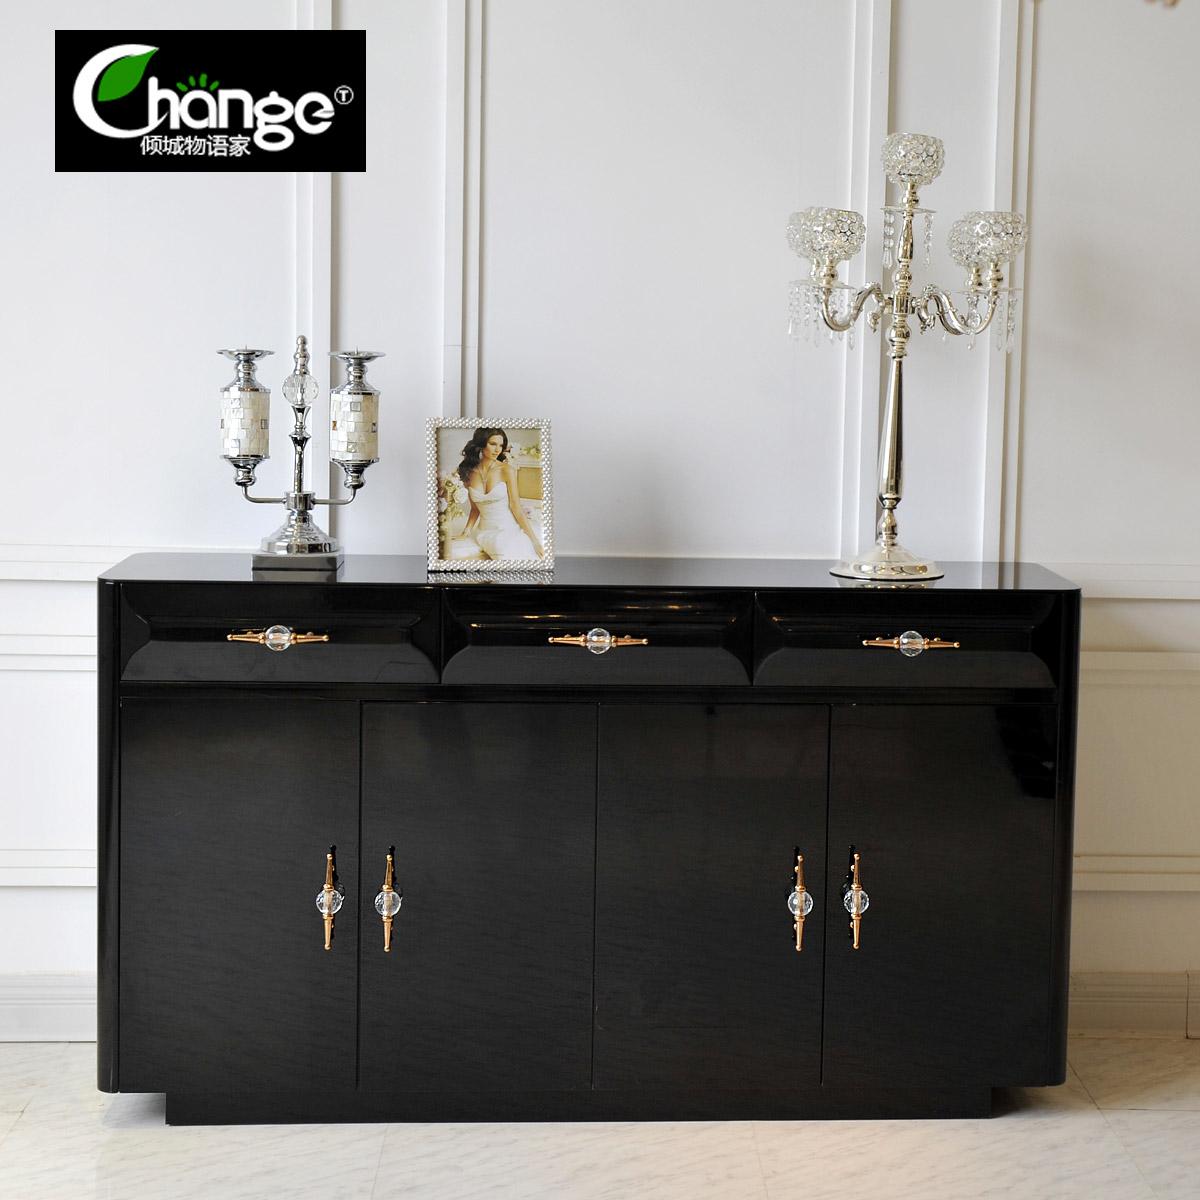 新古典后现代简约鞋柜钢琴烤漆欧式玄关柜间厅边柜大容量储物柜